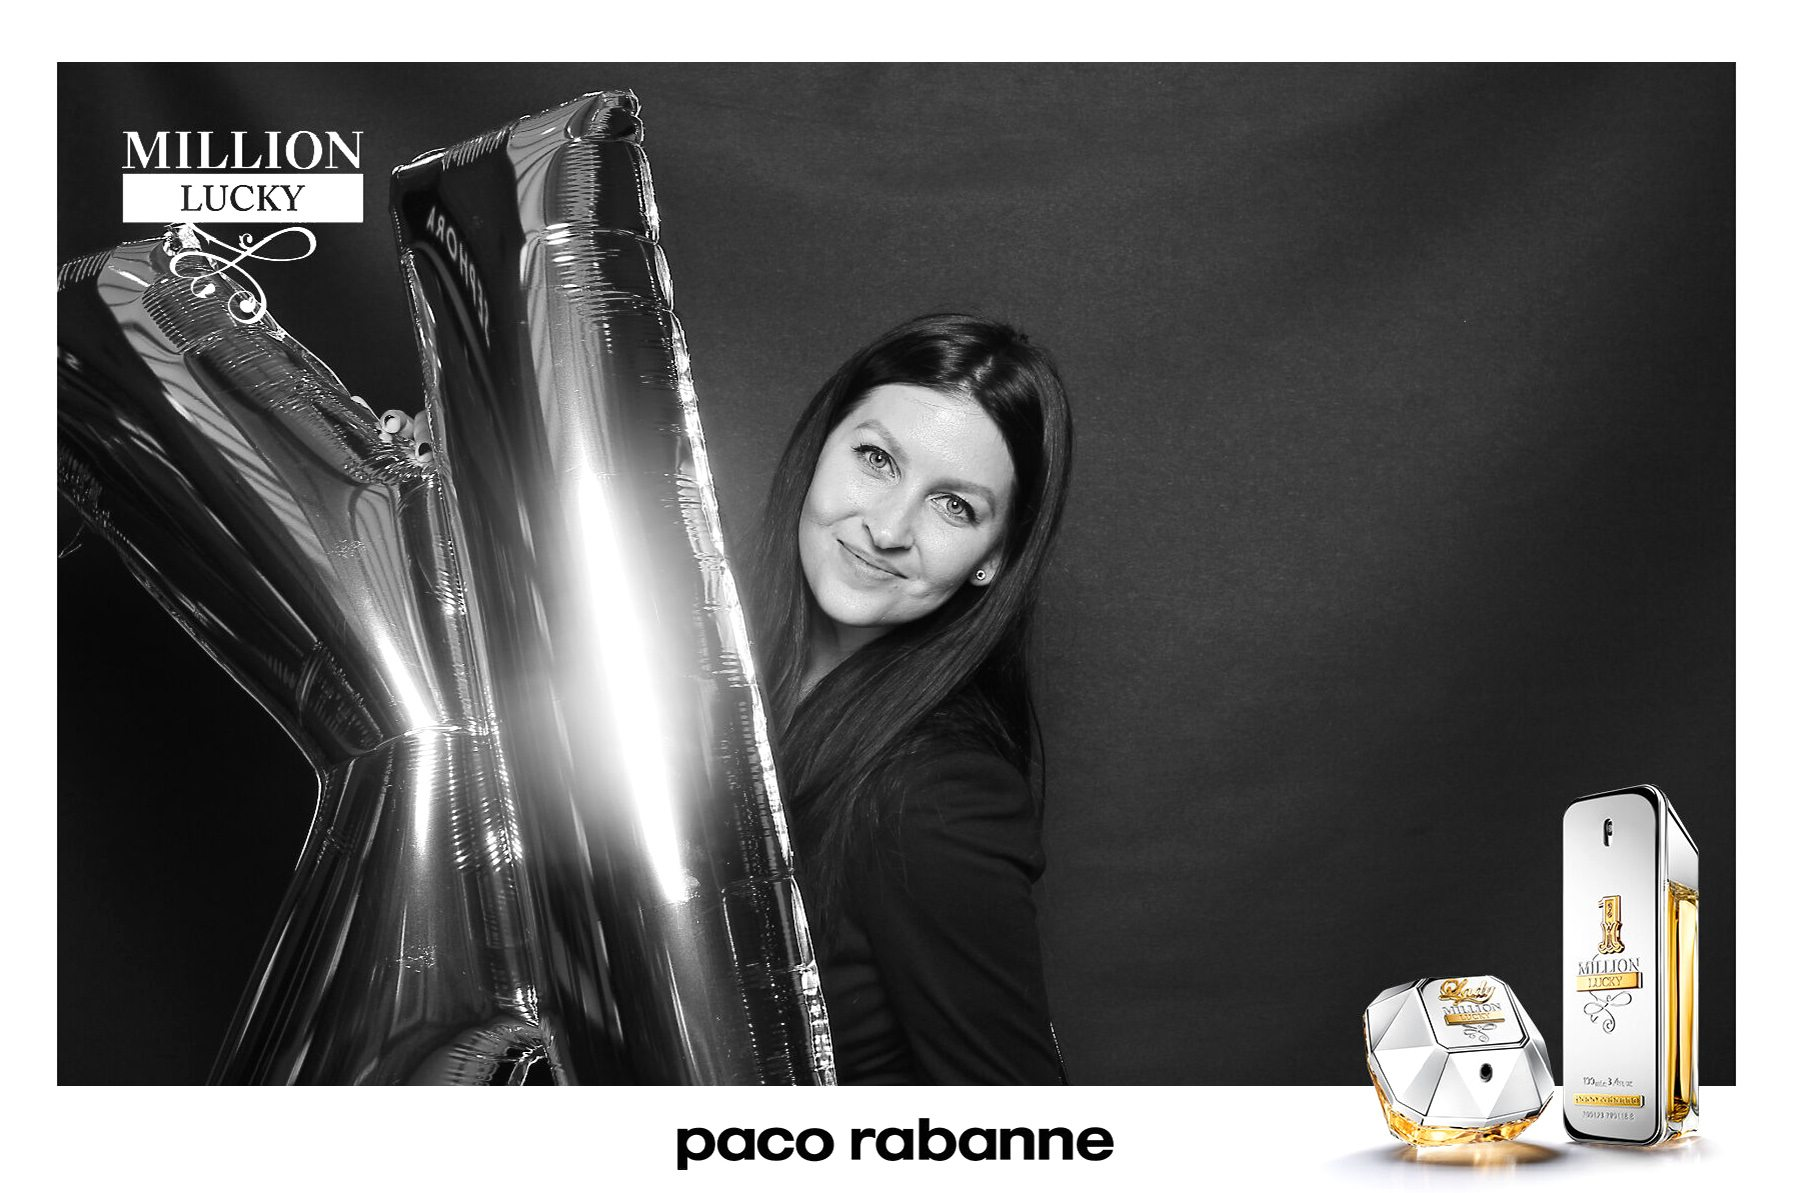 fotokoutek-plzen-promo-akce-paco-rabanne-oc-olympia-plzen-15-4-2018-409305